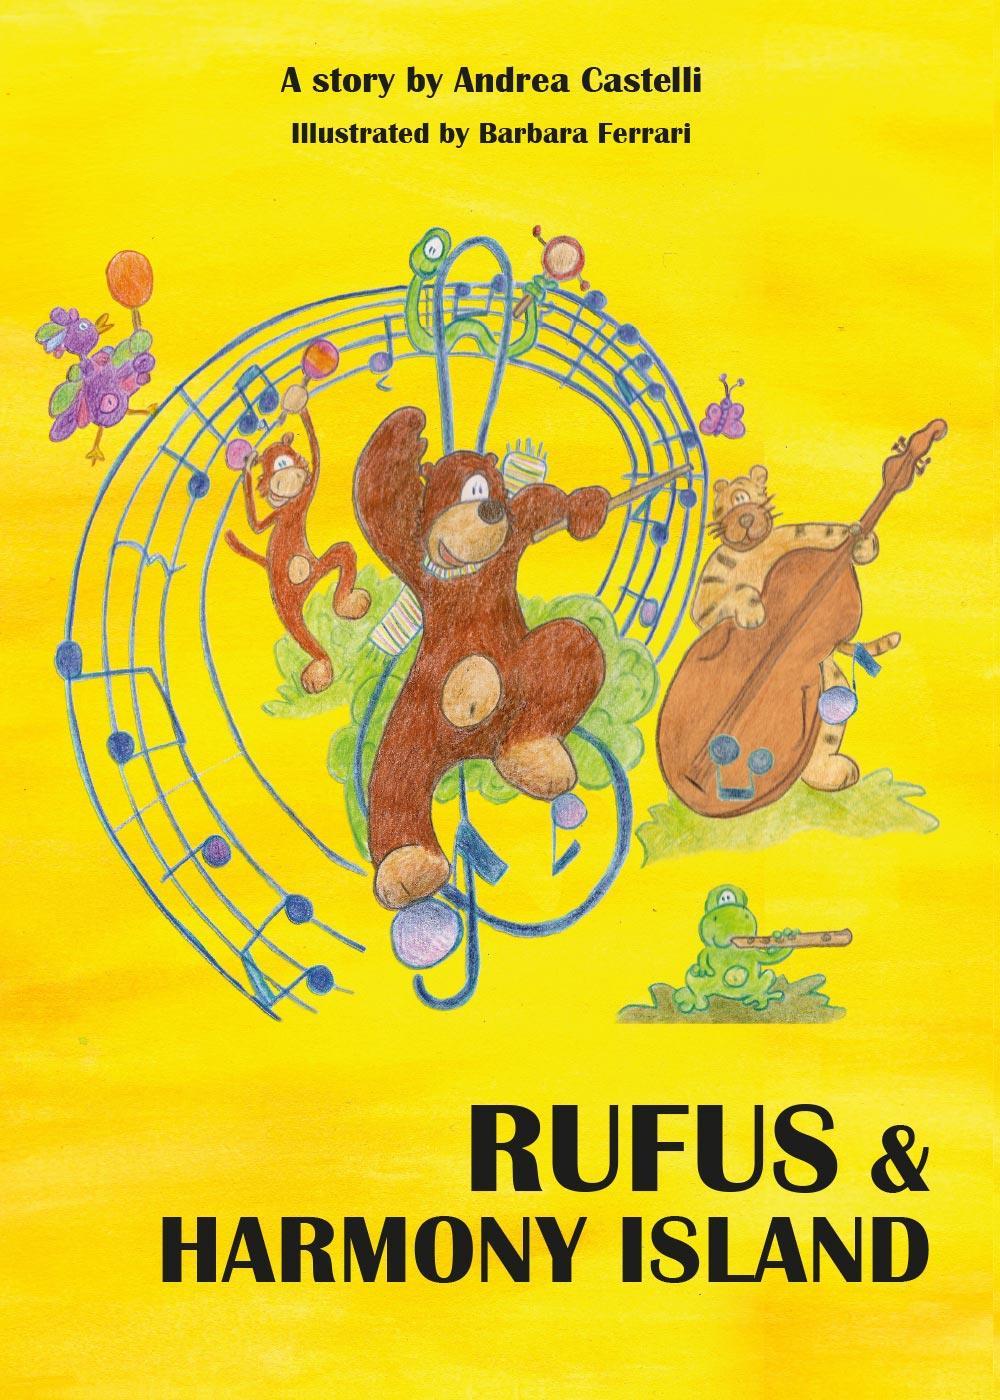 Rufus & Harmony Island